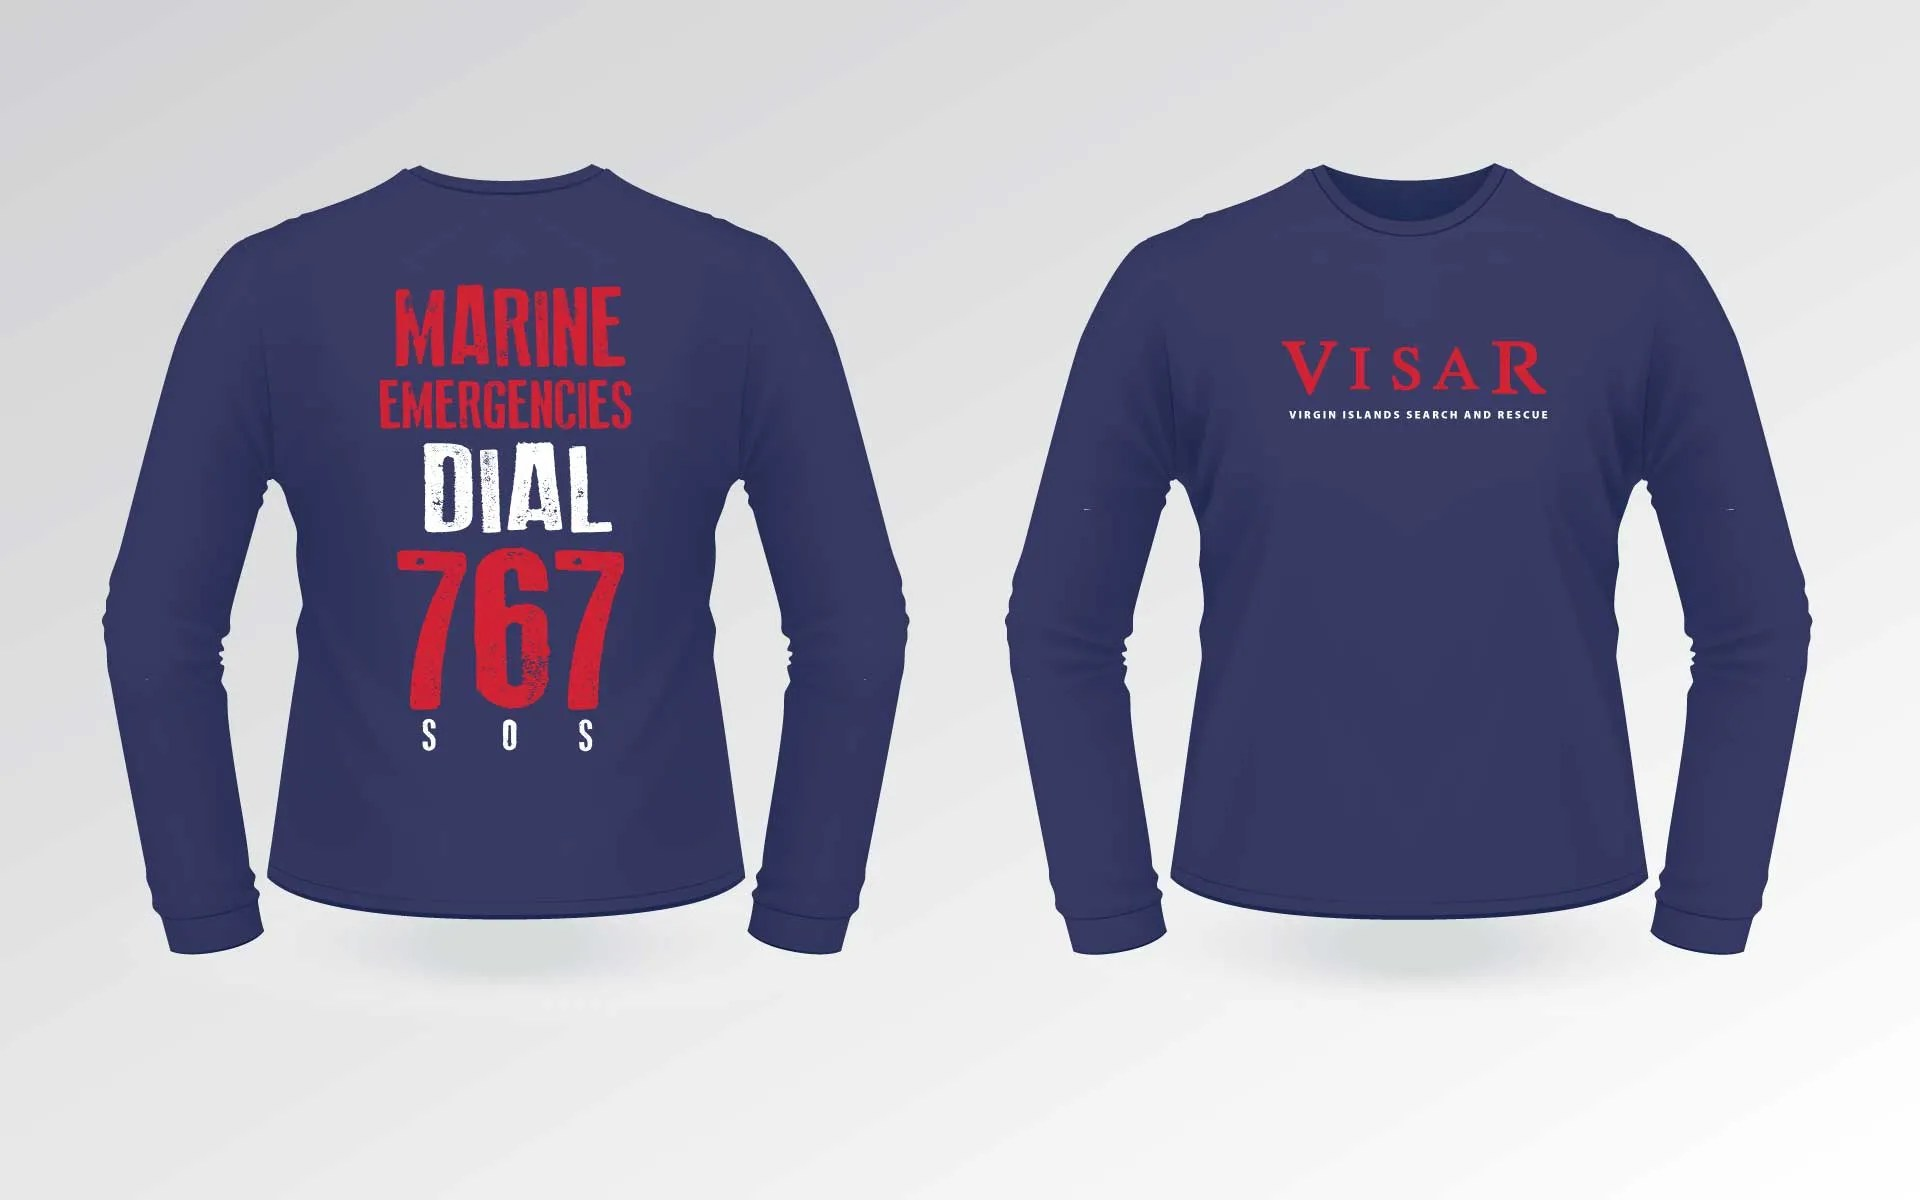 Visar Shirts Blue